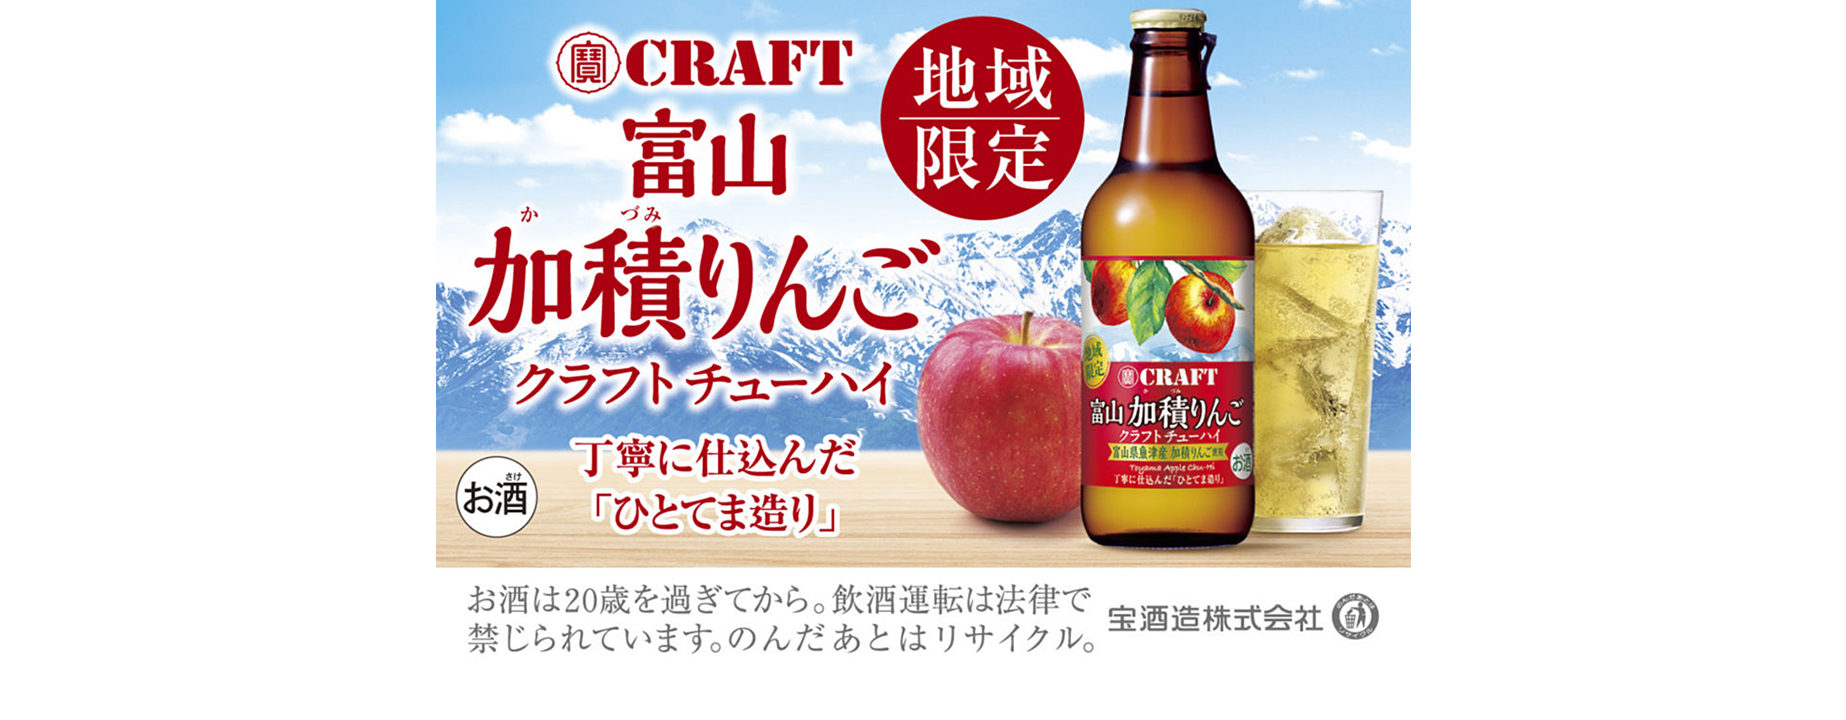 富山加積りんごクラフトチューハイ